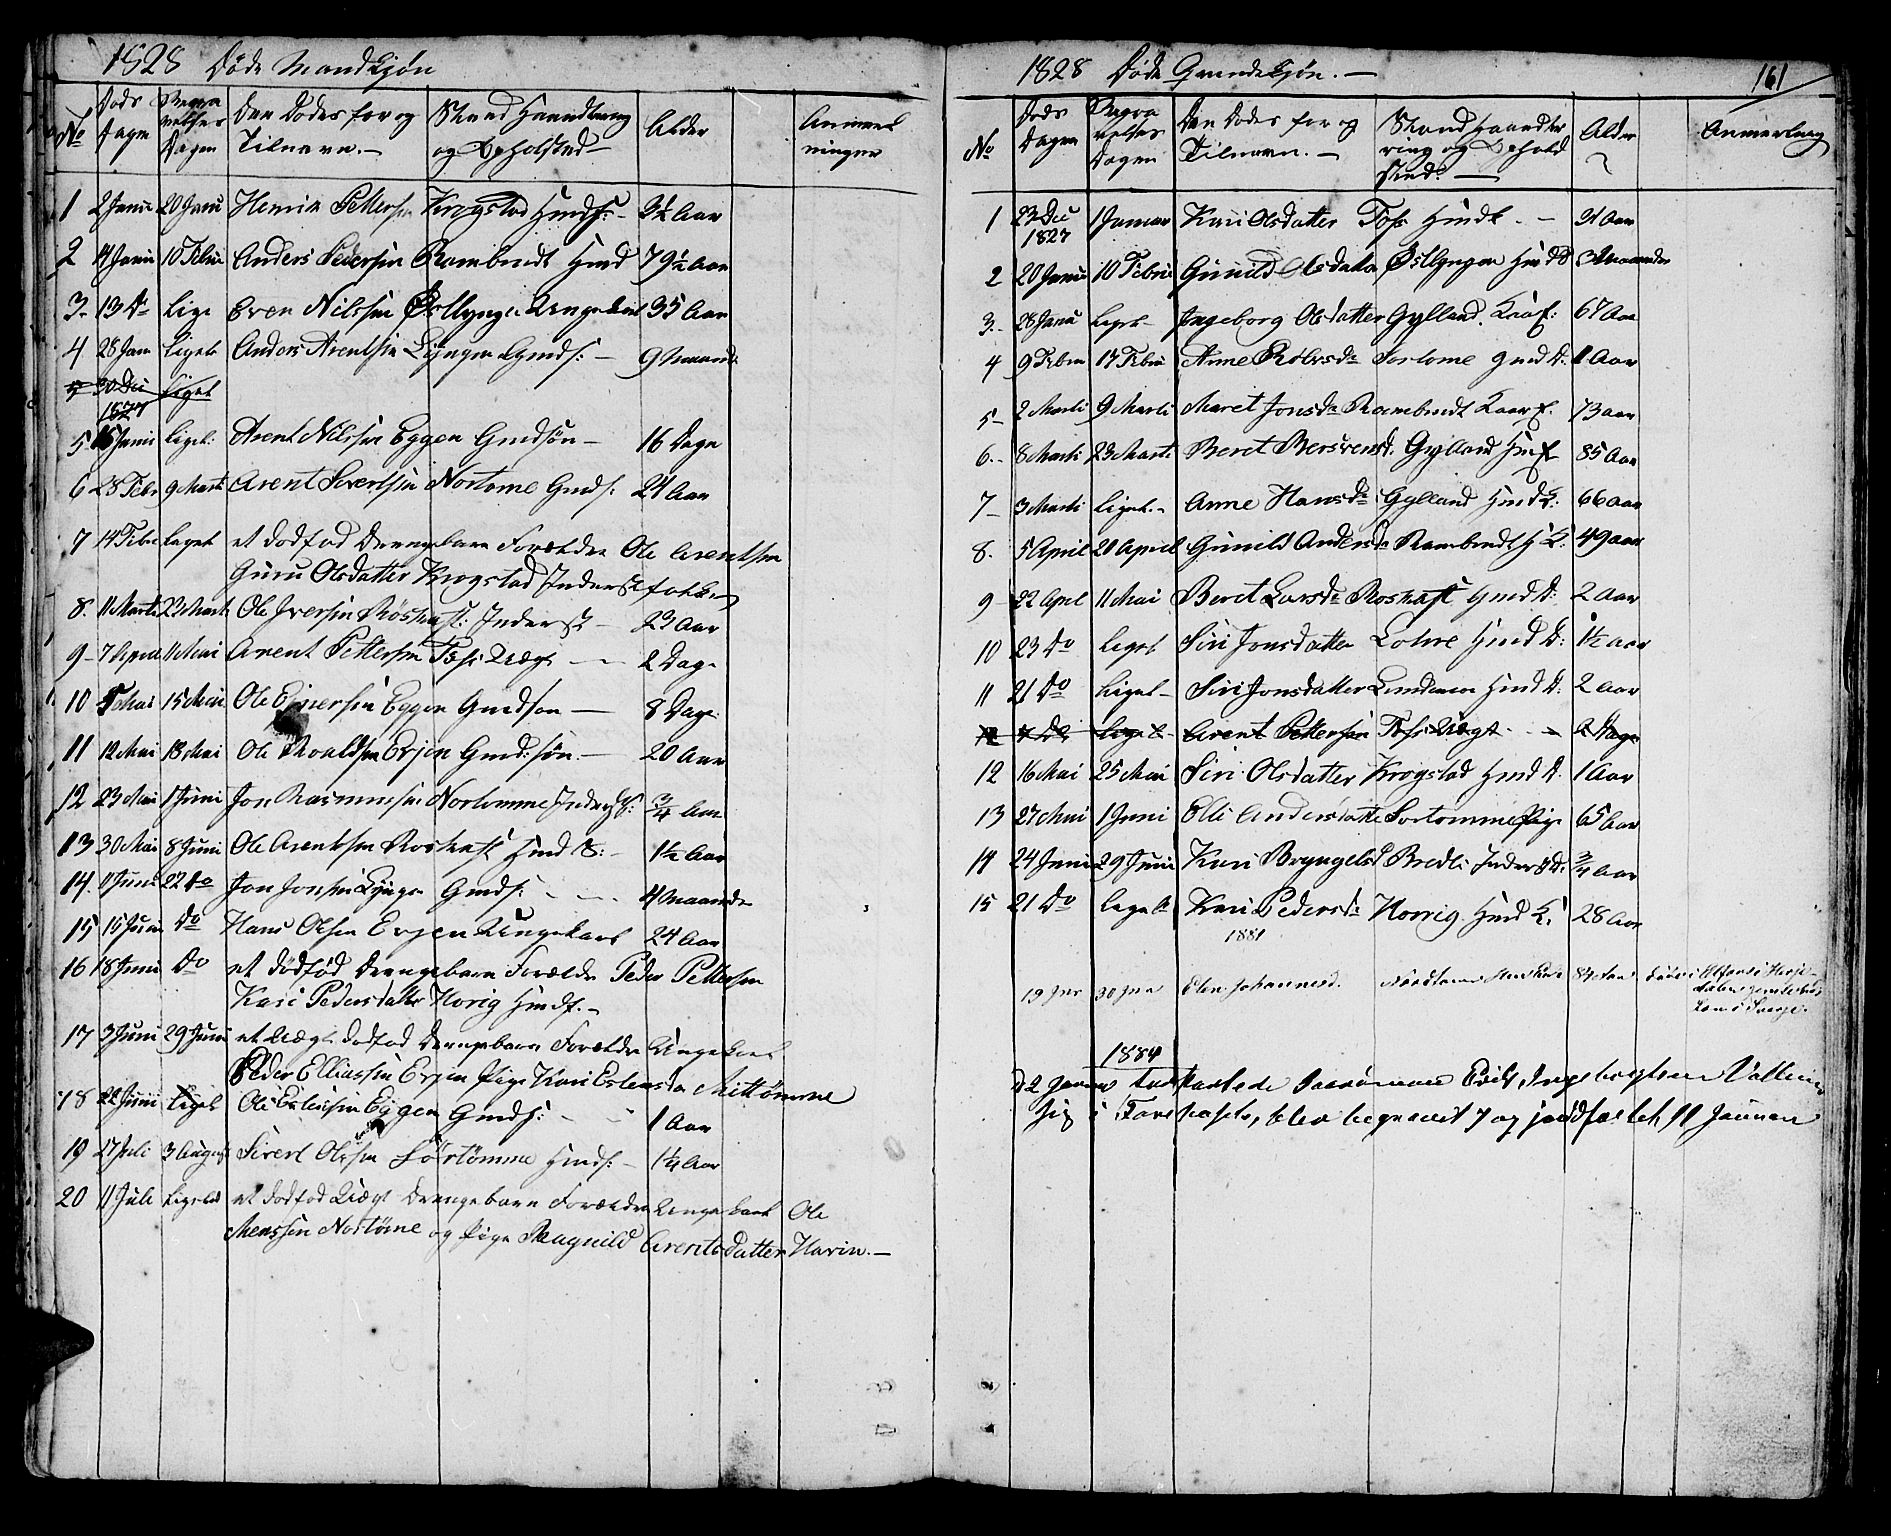 SAT, Ministerialprotokoller, klokkerbøker og fødselsregistre - Sør-Trøndelag, 692/L1108: Klokkerbok nr. 692C03, 1816-1833, s. 161